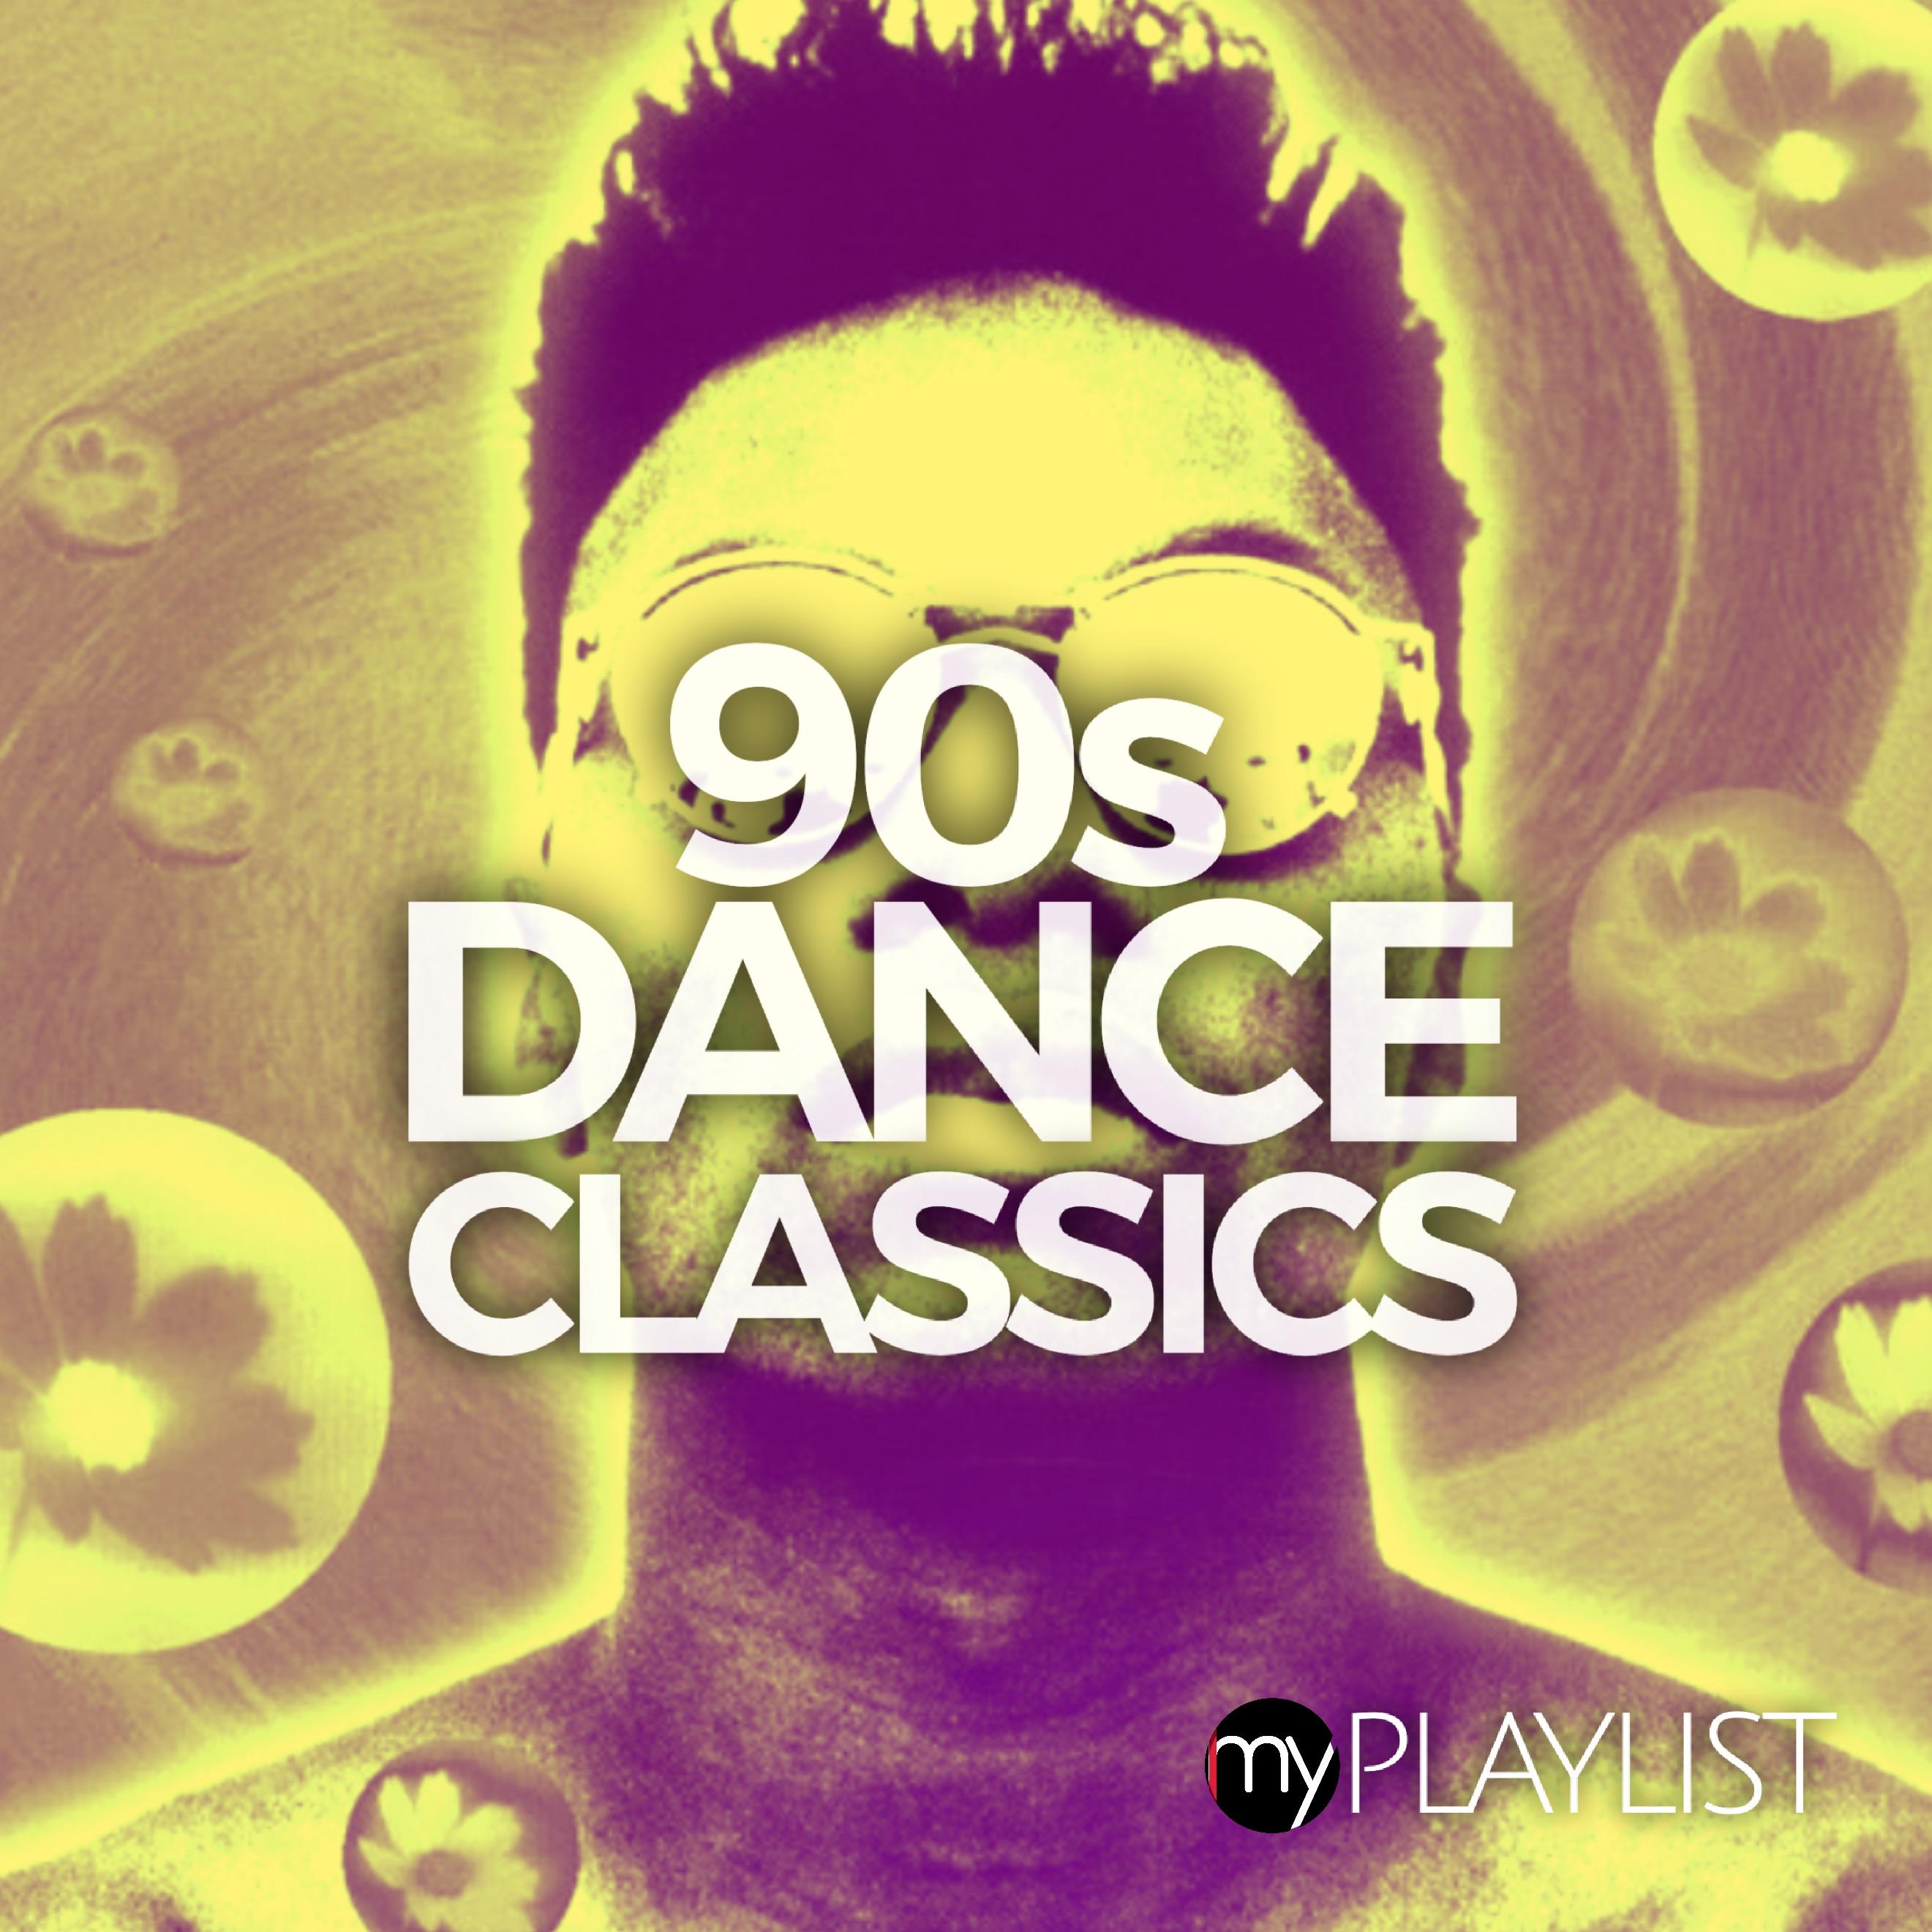 90s Dance Classics - Part 2 Image